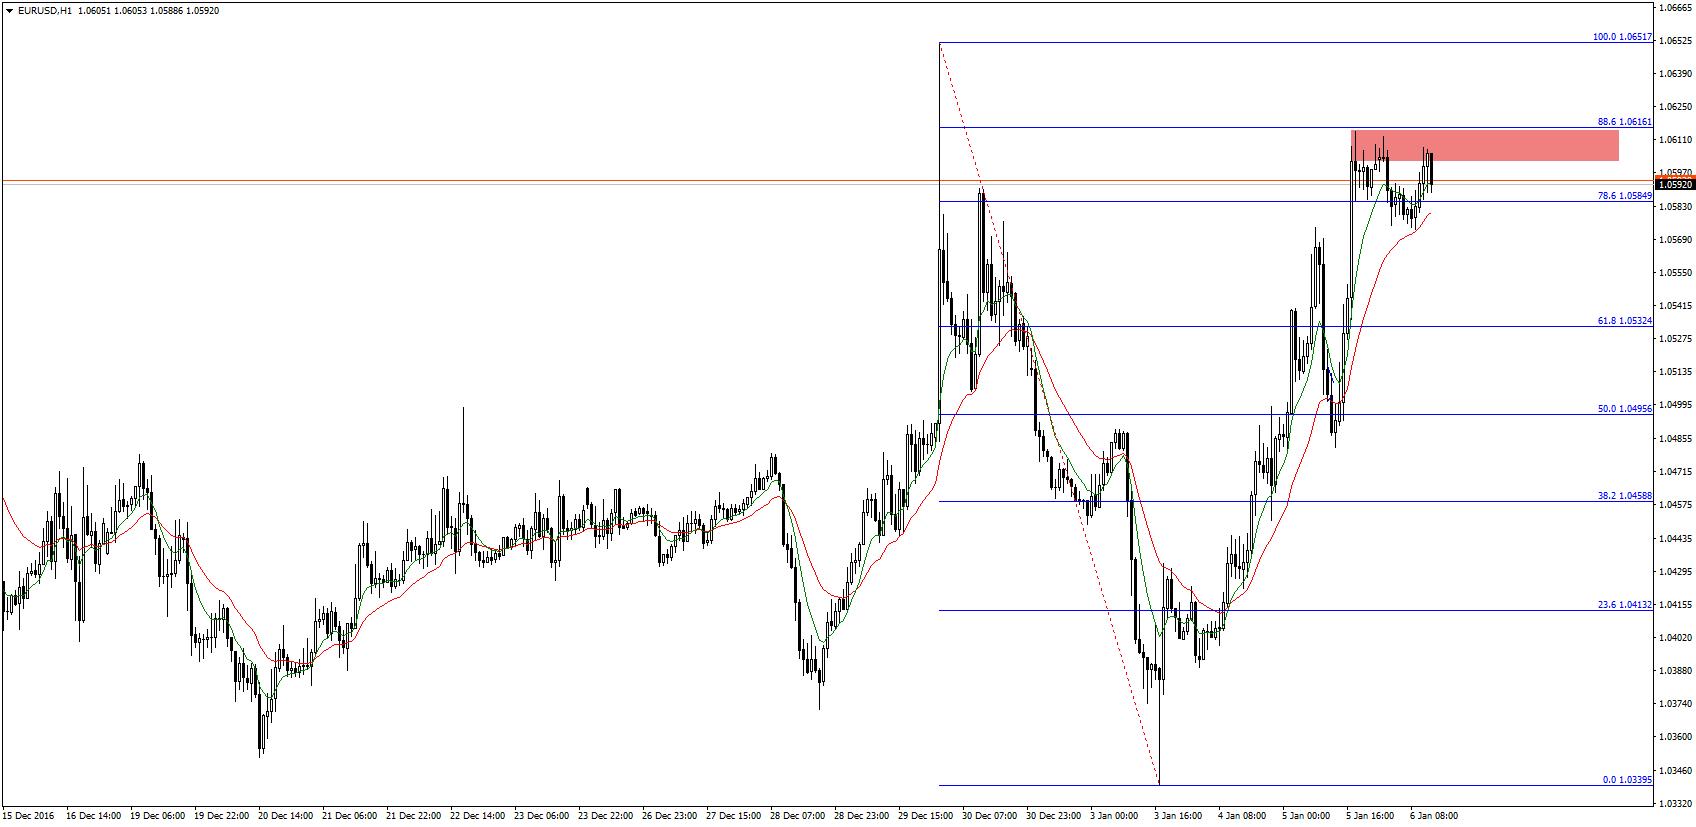 Okolice 1,06 oraz znajdujące się w pobliżu zniesienie 88,6 skutecznie powstrzymuje dalsze wzrosty EUR/USD. W przypadku pozytywnej niespodzianki ze strony dzisiejszych NFP, prawdopodobieństwo powrotu niedźwiedzi na wykres pary jest wysokie.